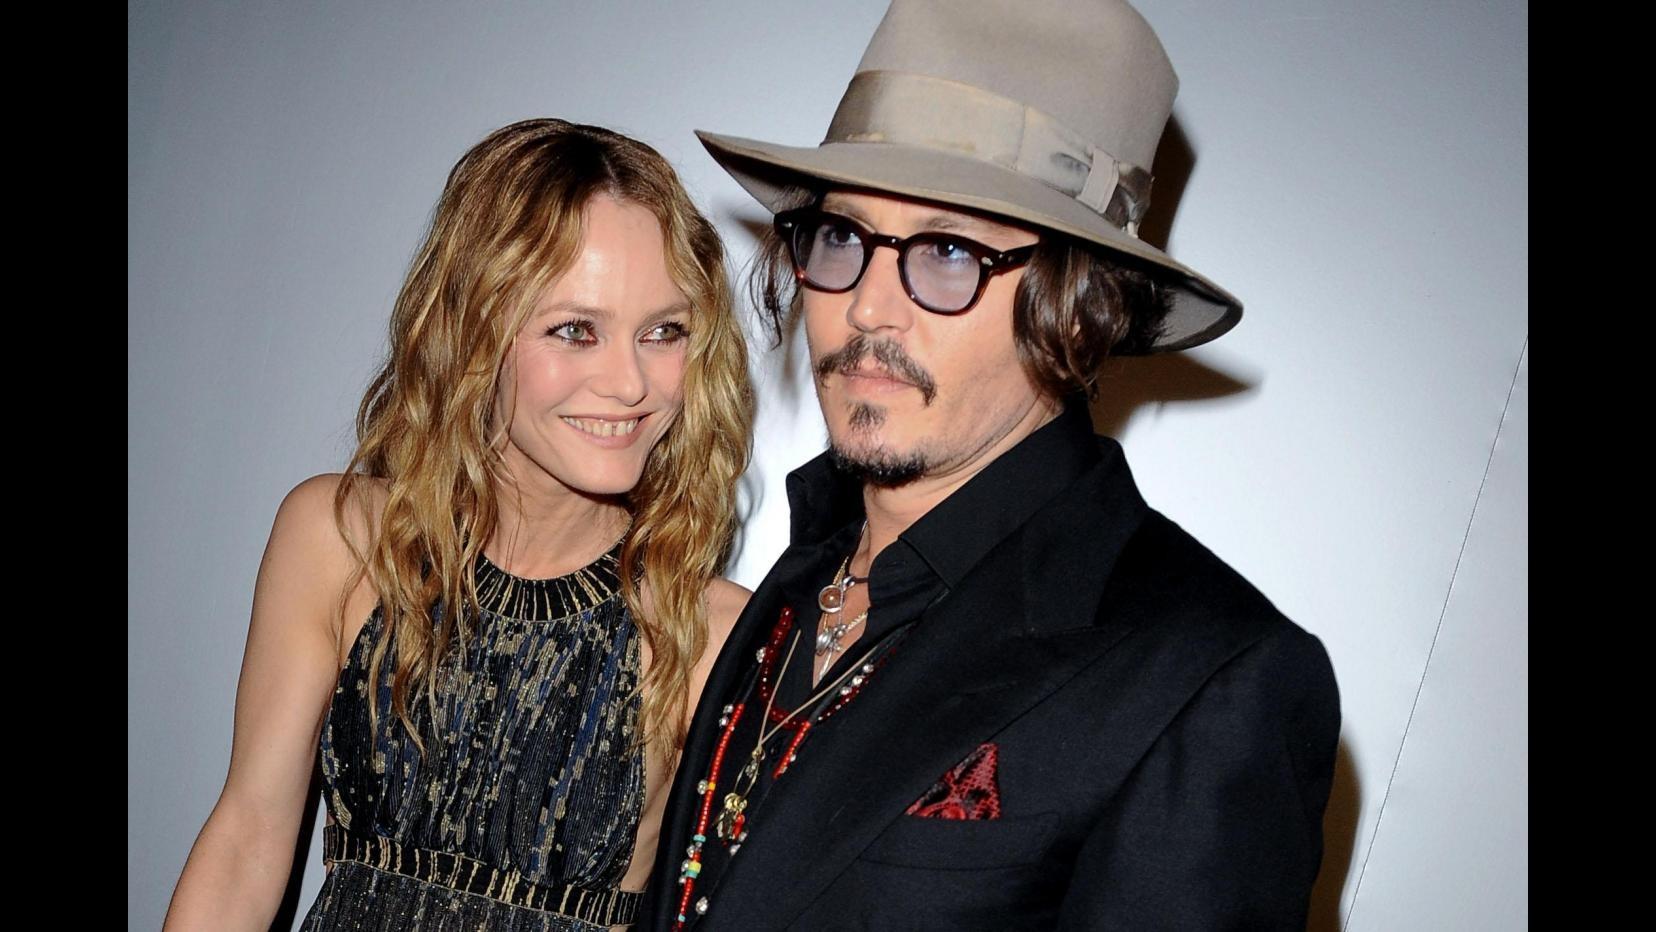 Vanessa Paradis riceve 100 mln da Johnny Depp dopo fine relazione